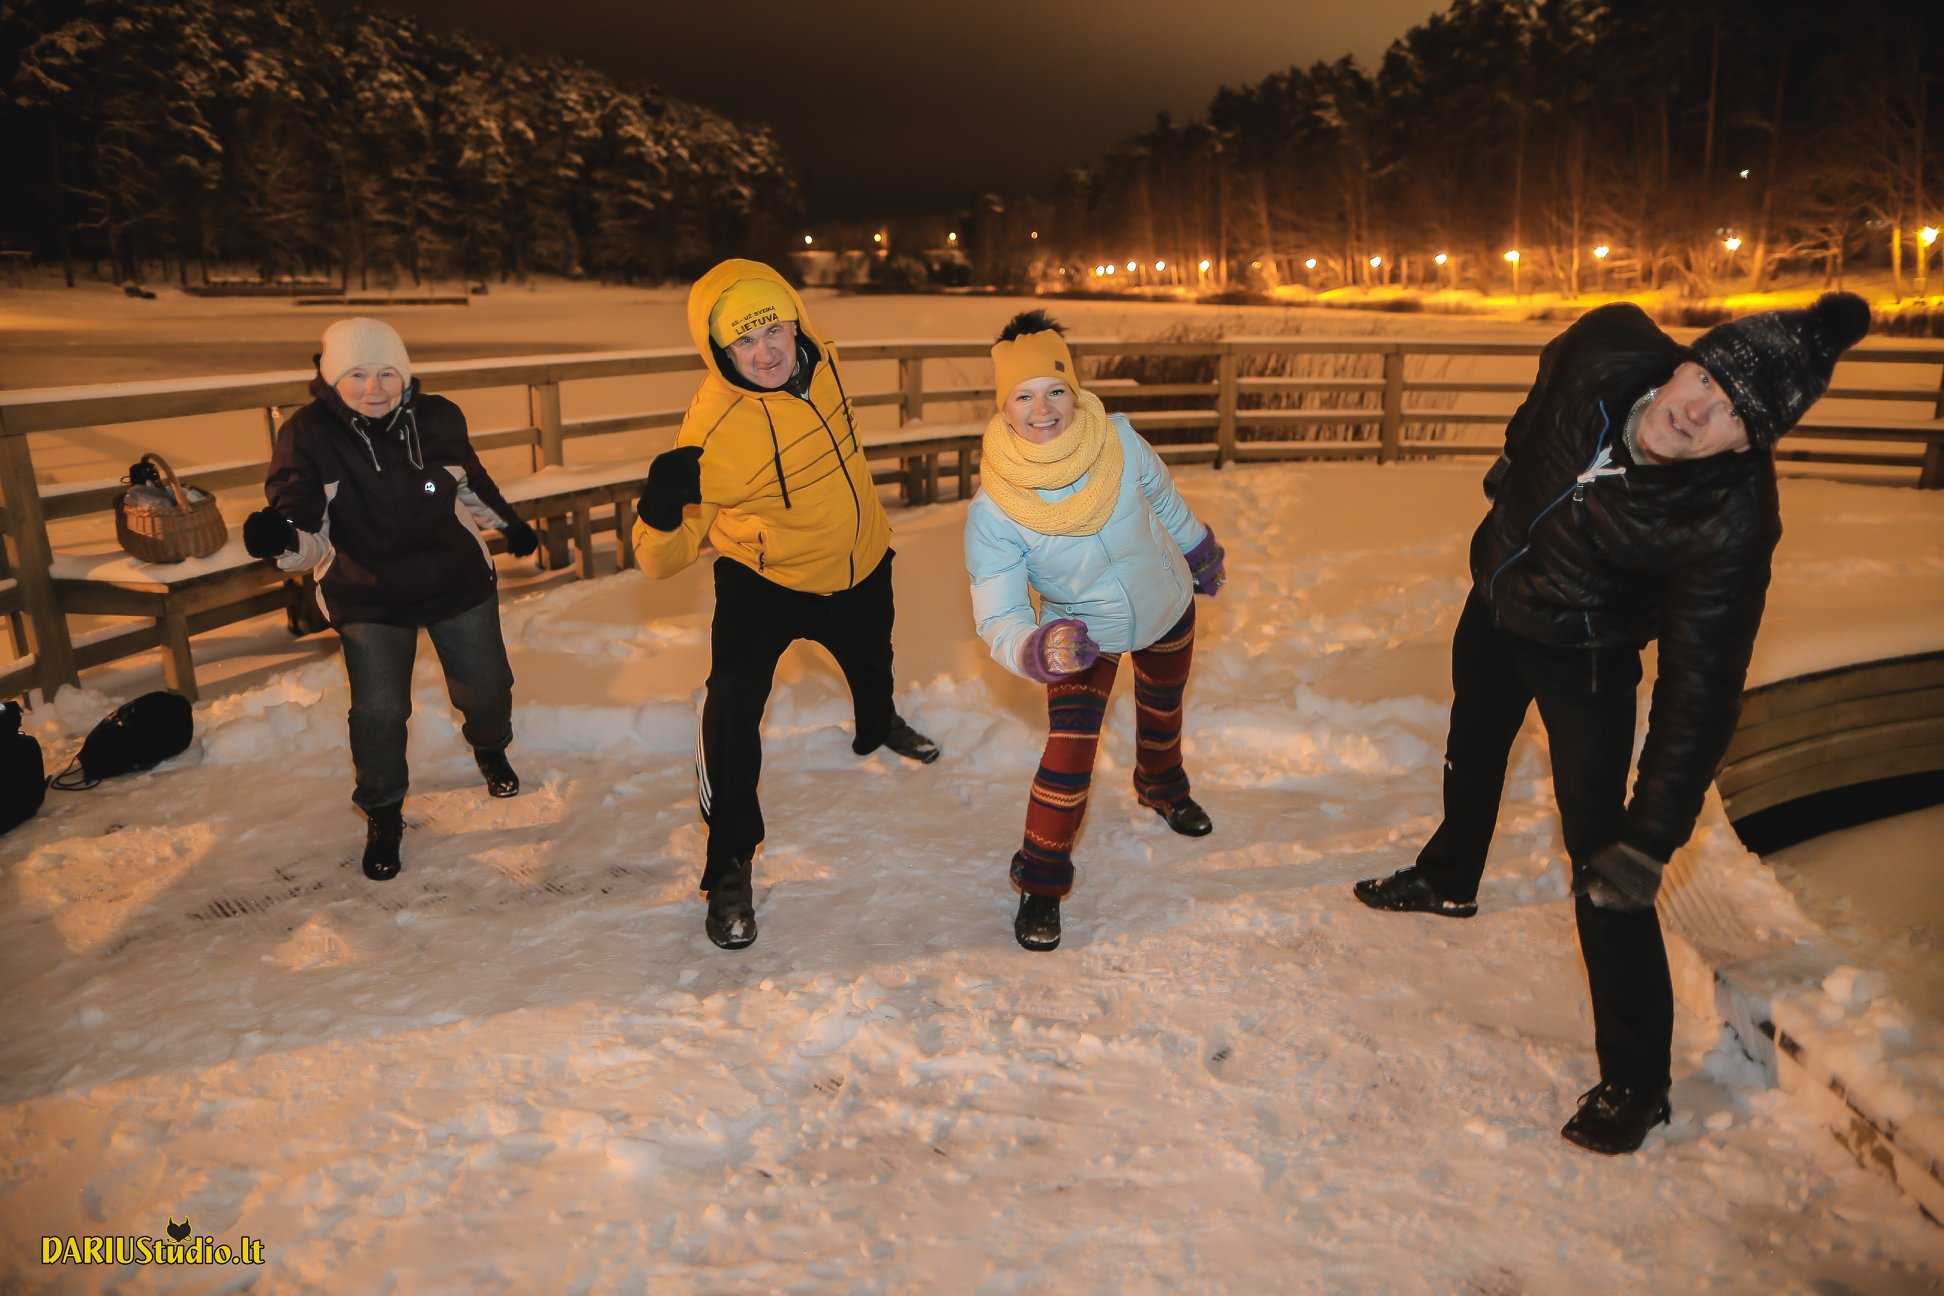 Maudynės žiemą po atviru dangumi – kenkia ar grūdina? | Lietuvos sveikuolių sąjungos nuotr.